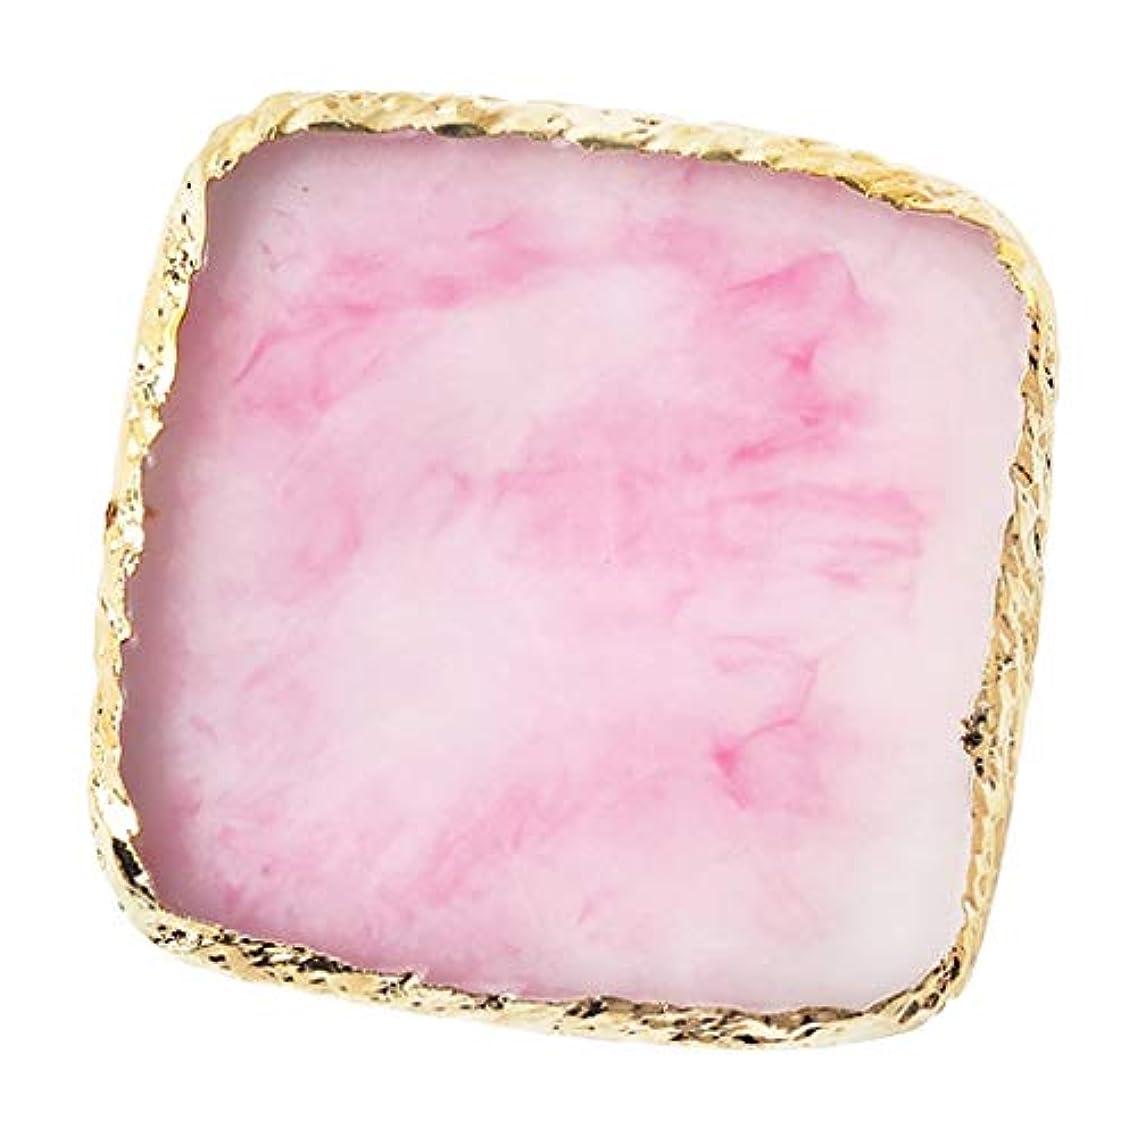 書店洗う牛IPOTCH ネイルアート カラーブレンド ミキシングパレット 樹脂製 6色選べ - ピンク